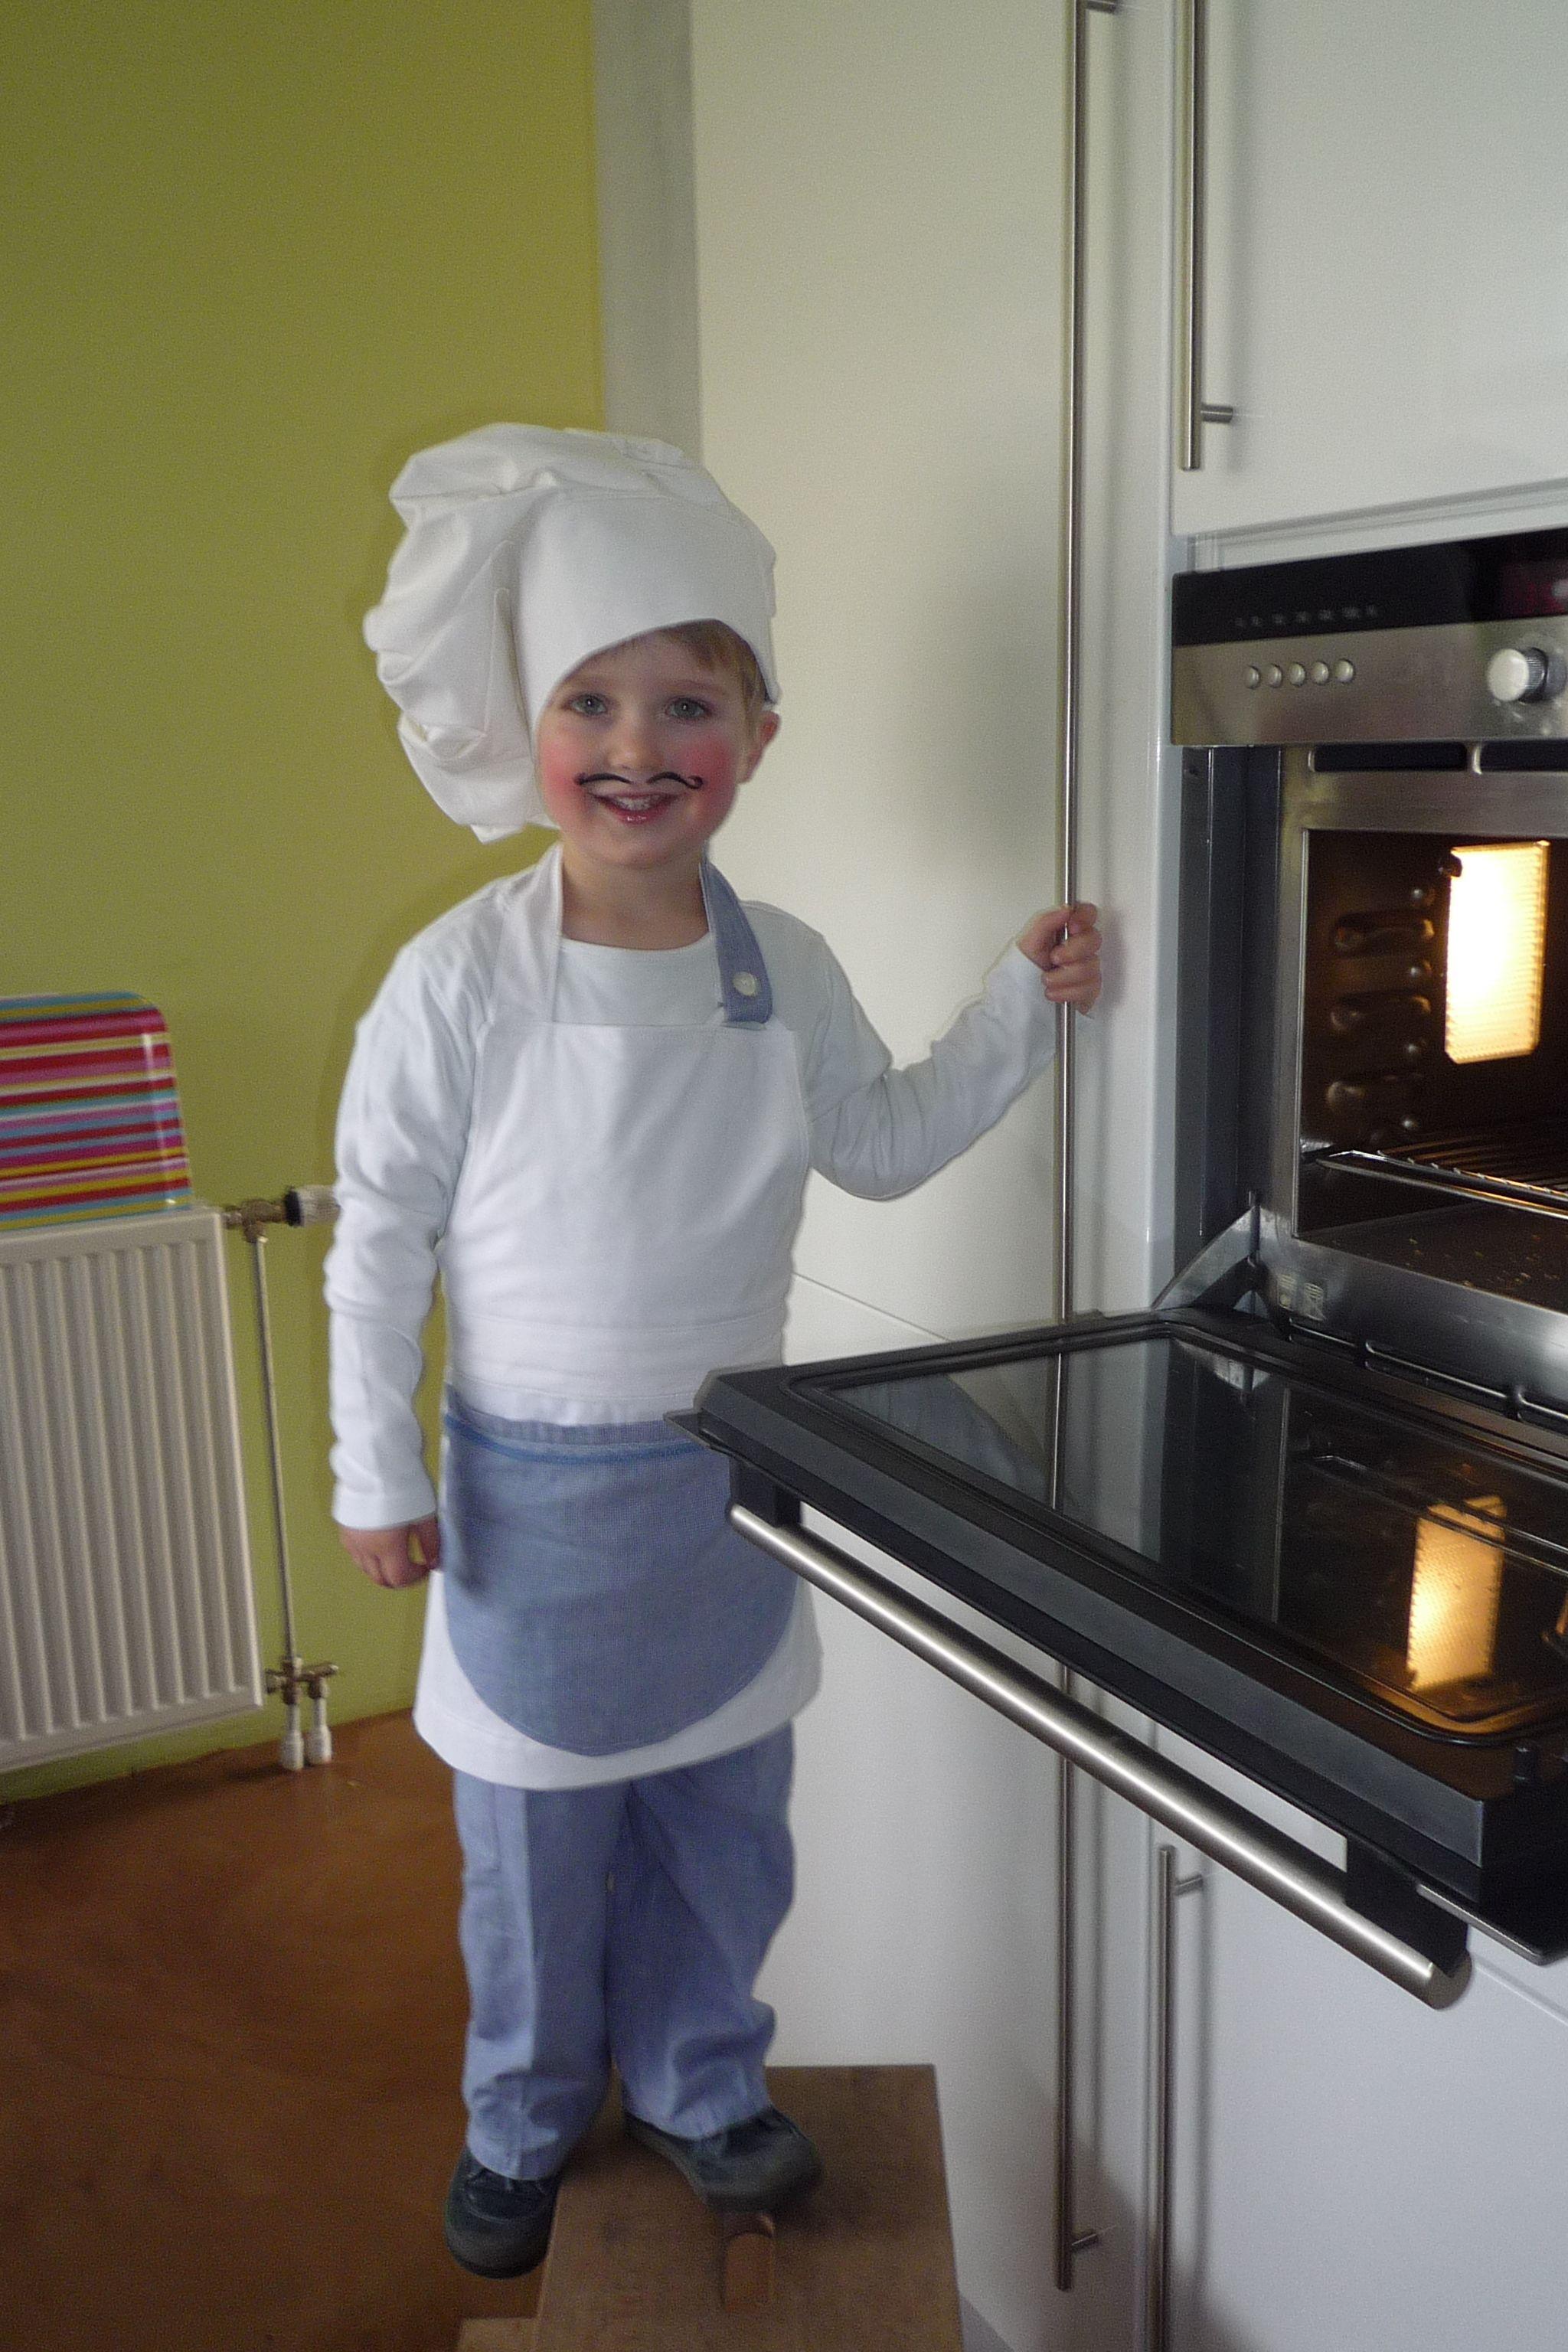 Boterhammenkok (bakker) kostuum. Lekker verkleden!